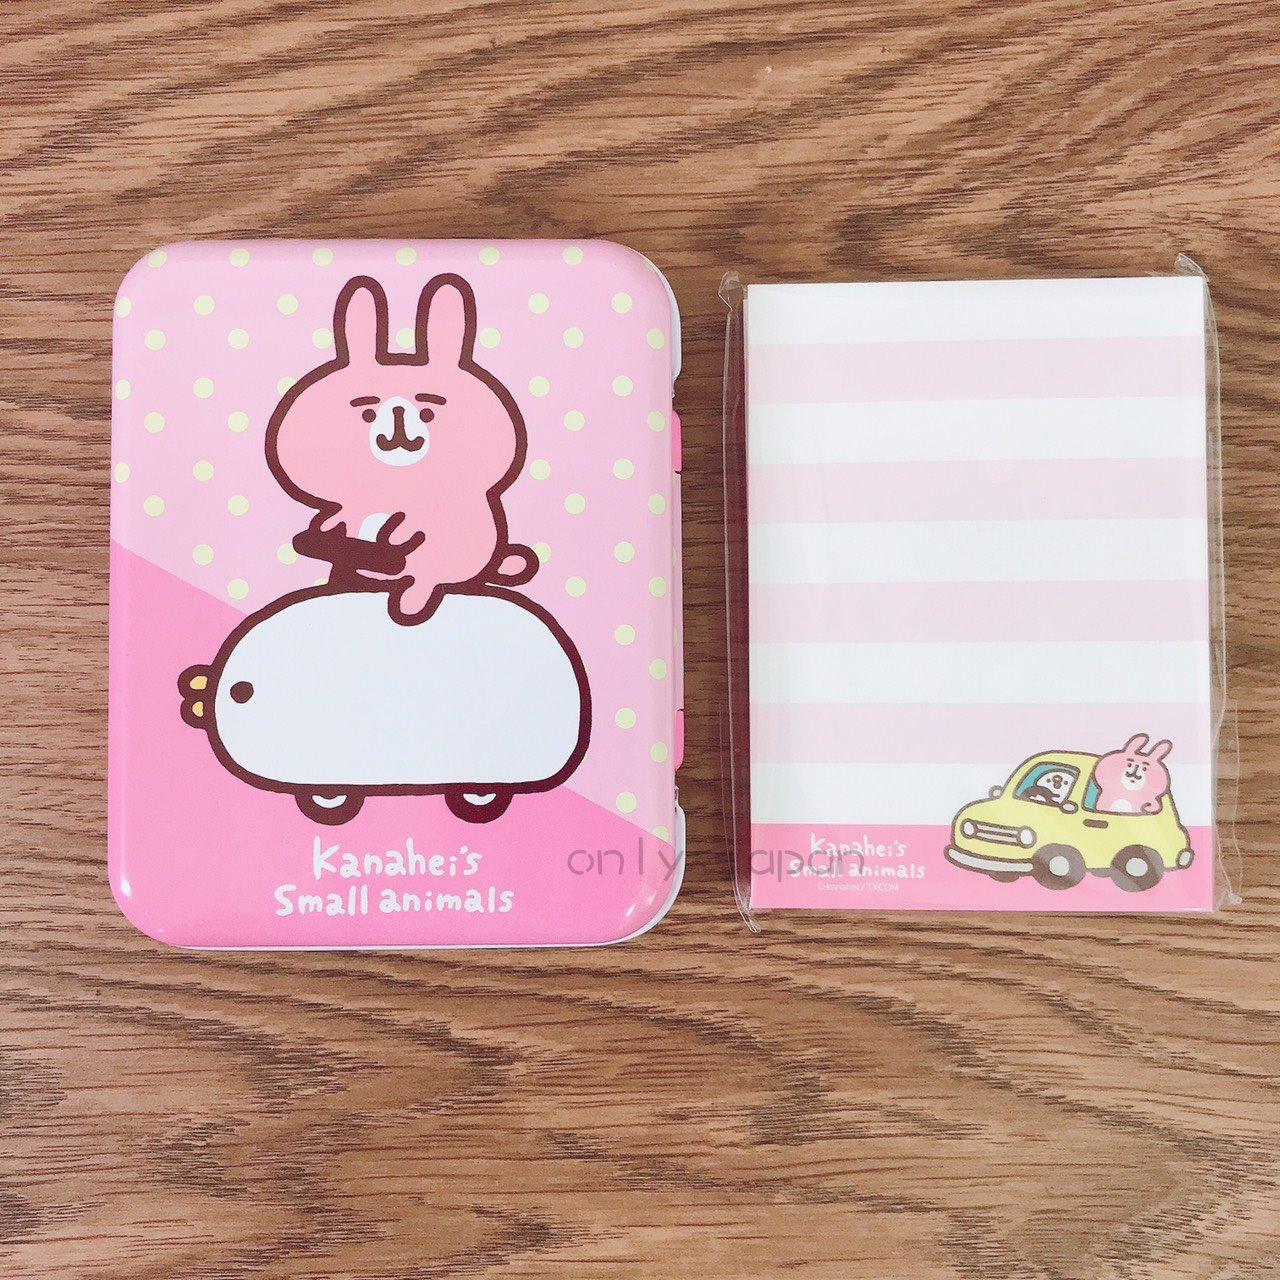 【真愛日本】18030600013 鐵盒便條紙-兔兔車車 卡娜赫拉的小動物們 兔兔 P助小雞 日用品 便條紙 小物收納 紙製品 文具